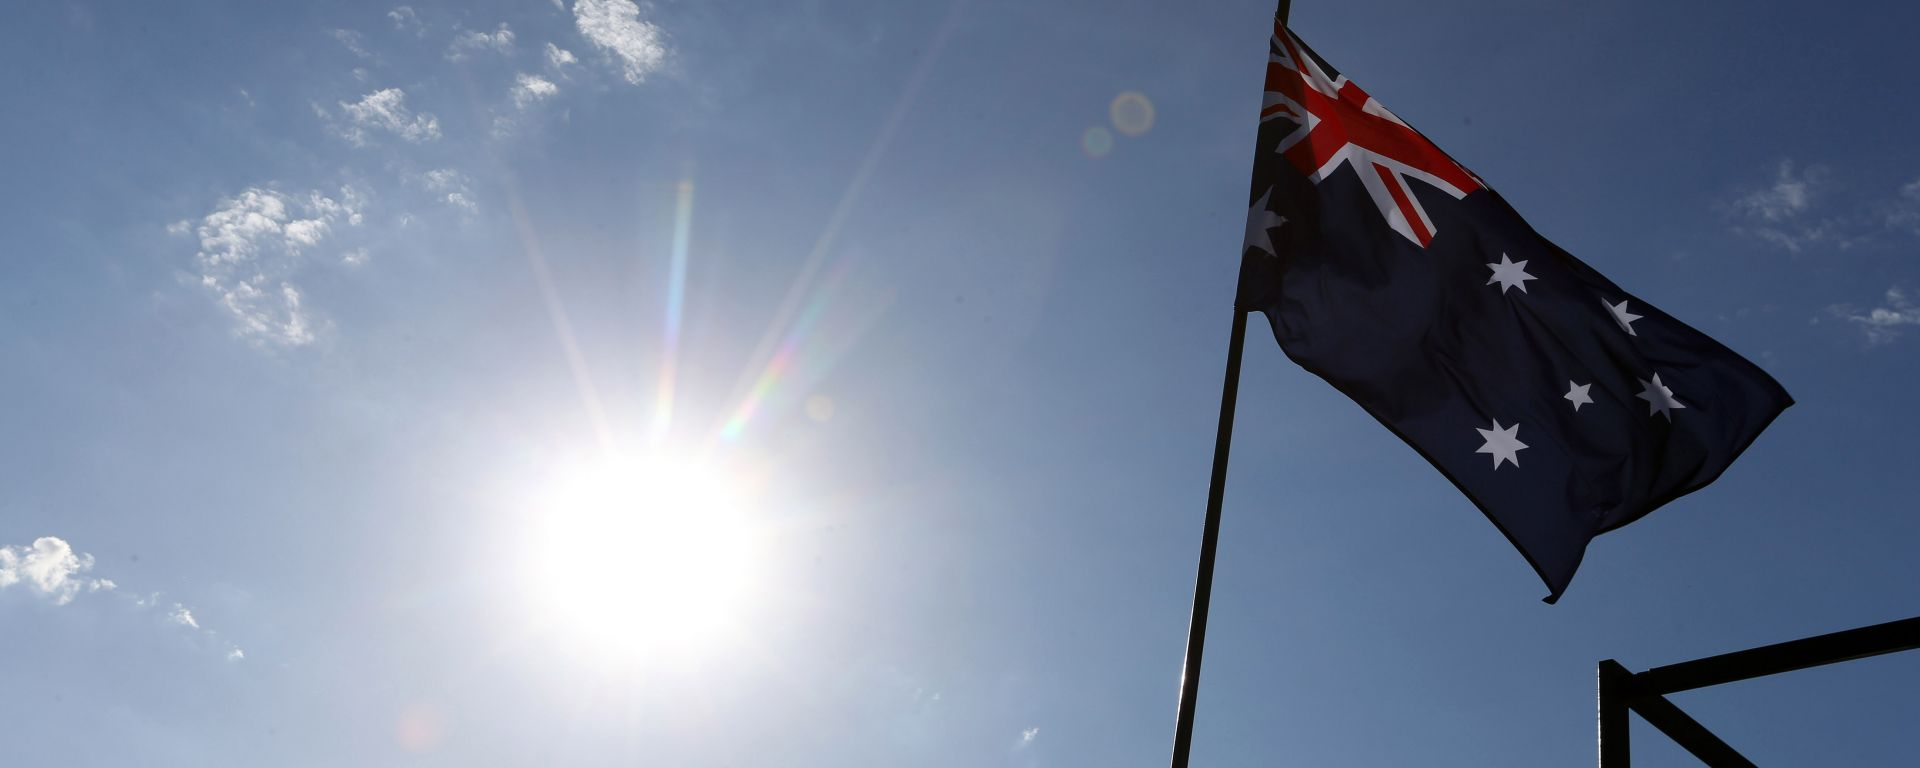 La bandiera australiana sventola sotto il sole di Melbourne